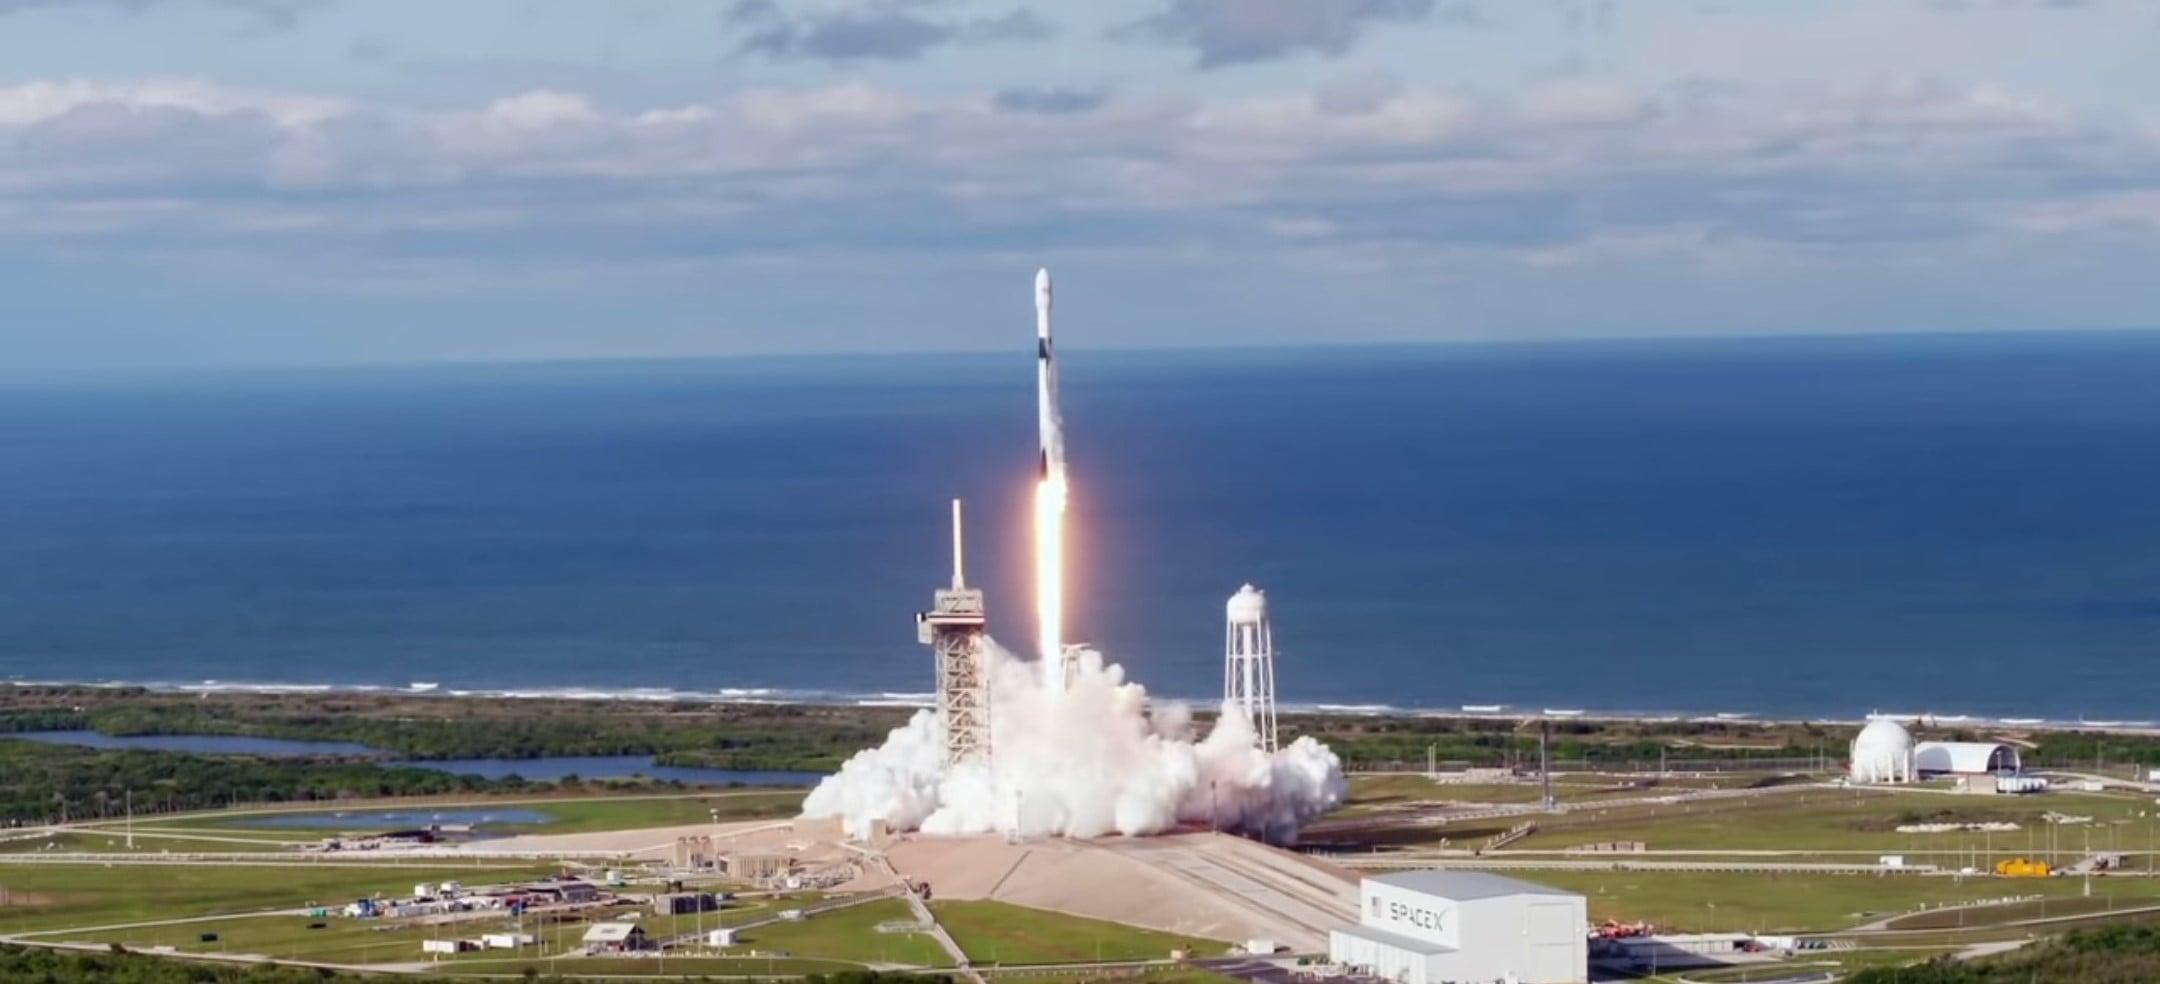 Po tygodniu opóźnienia, SpaceX nareszcie dostarczył na ISS niezbędne zaopatrzenie